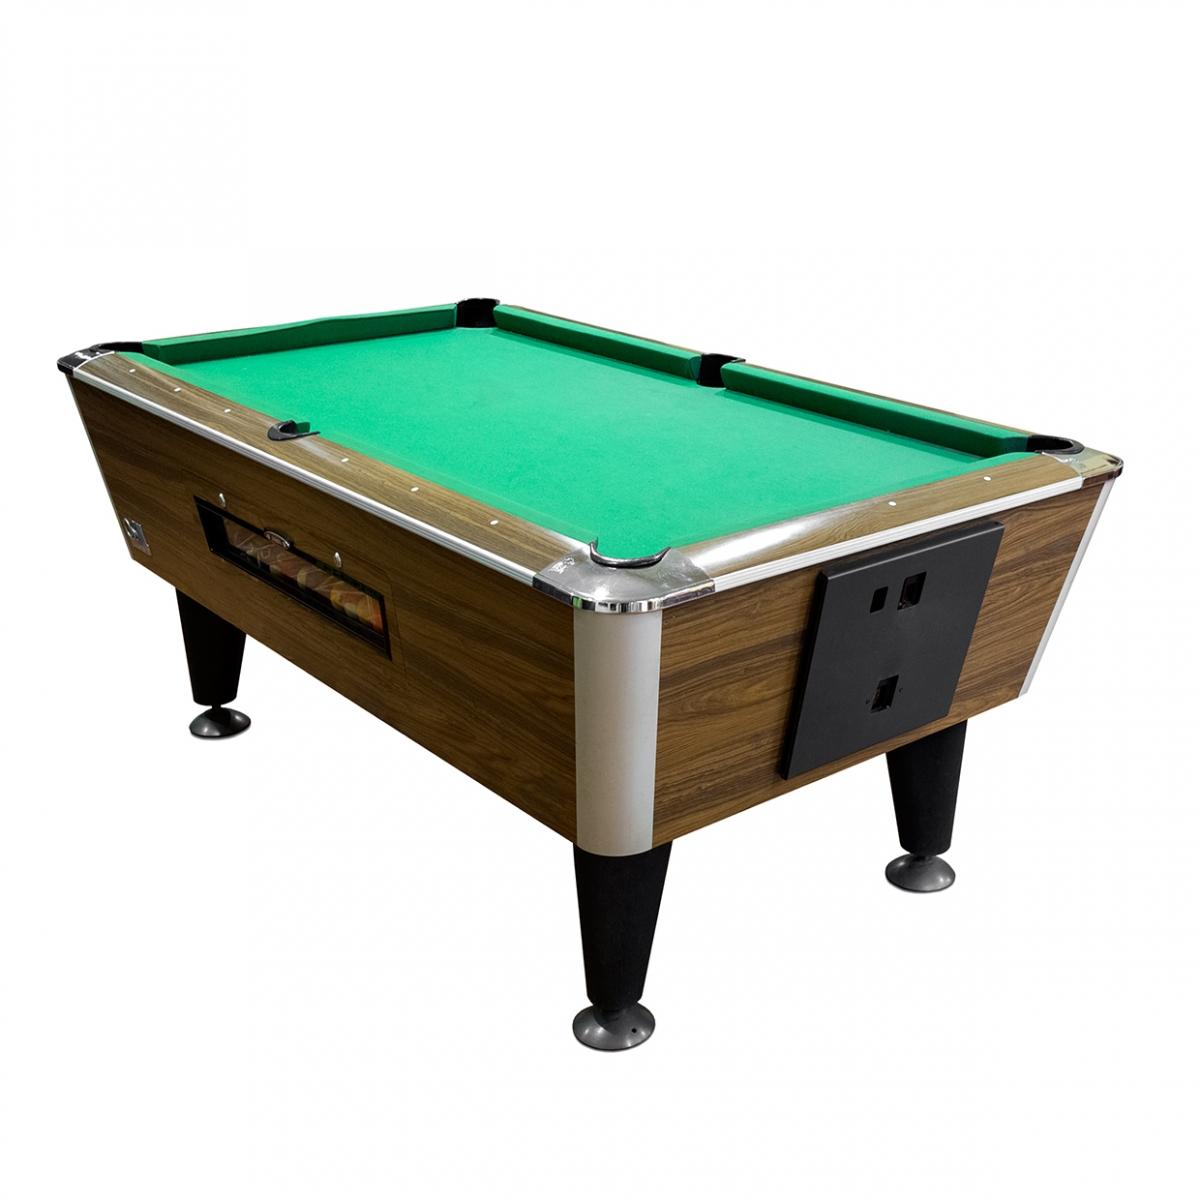 Imagen en la que se ve una mesa de billar